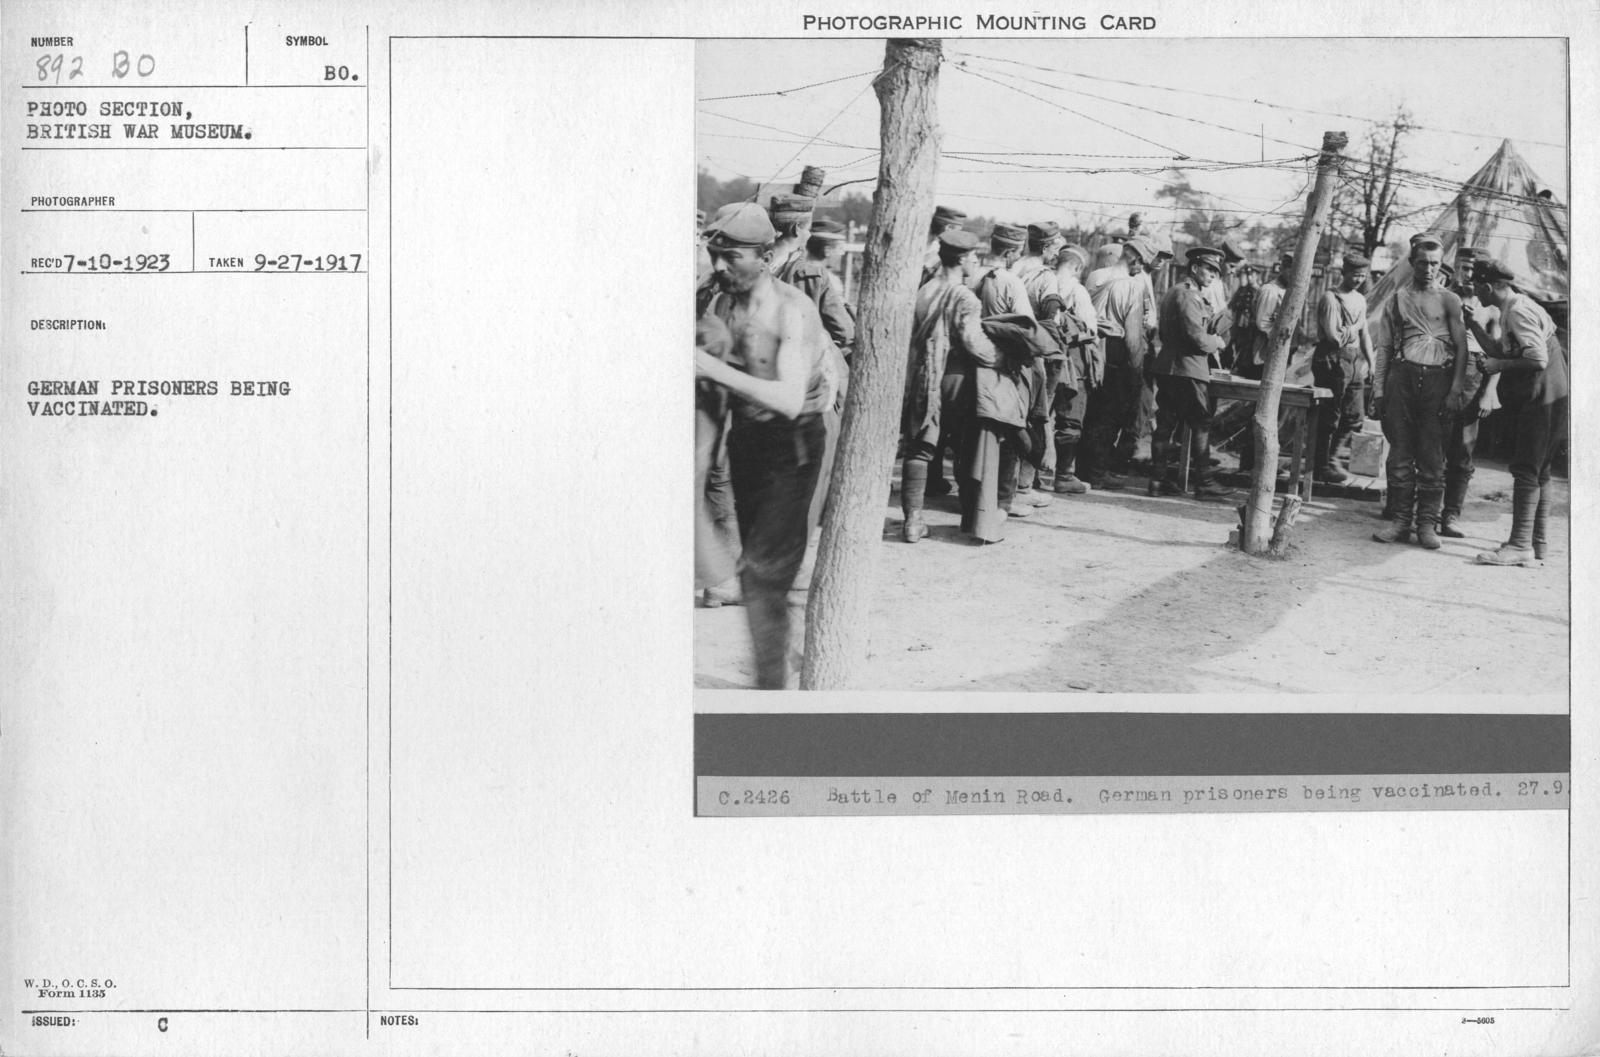 Battle of Menin Road. German prisoners being vaccinated. 9-27-1917